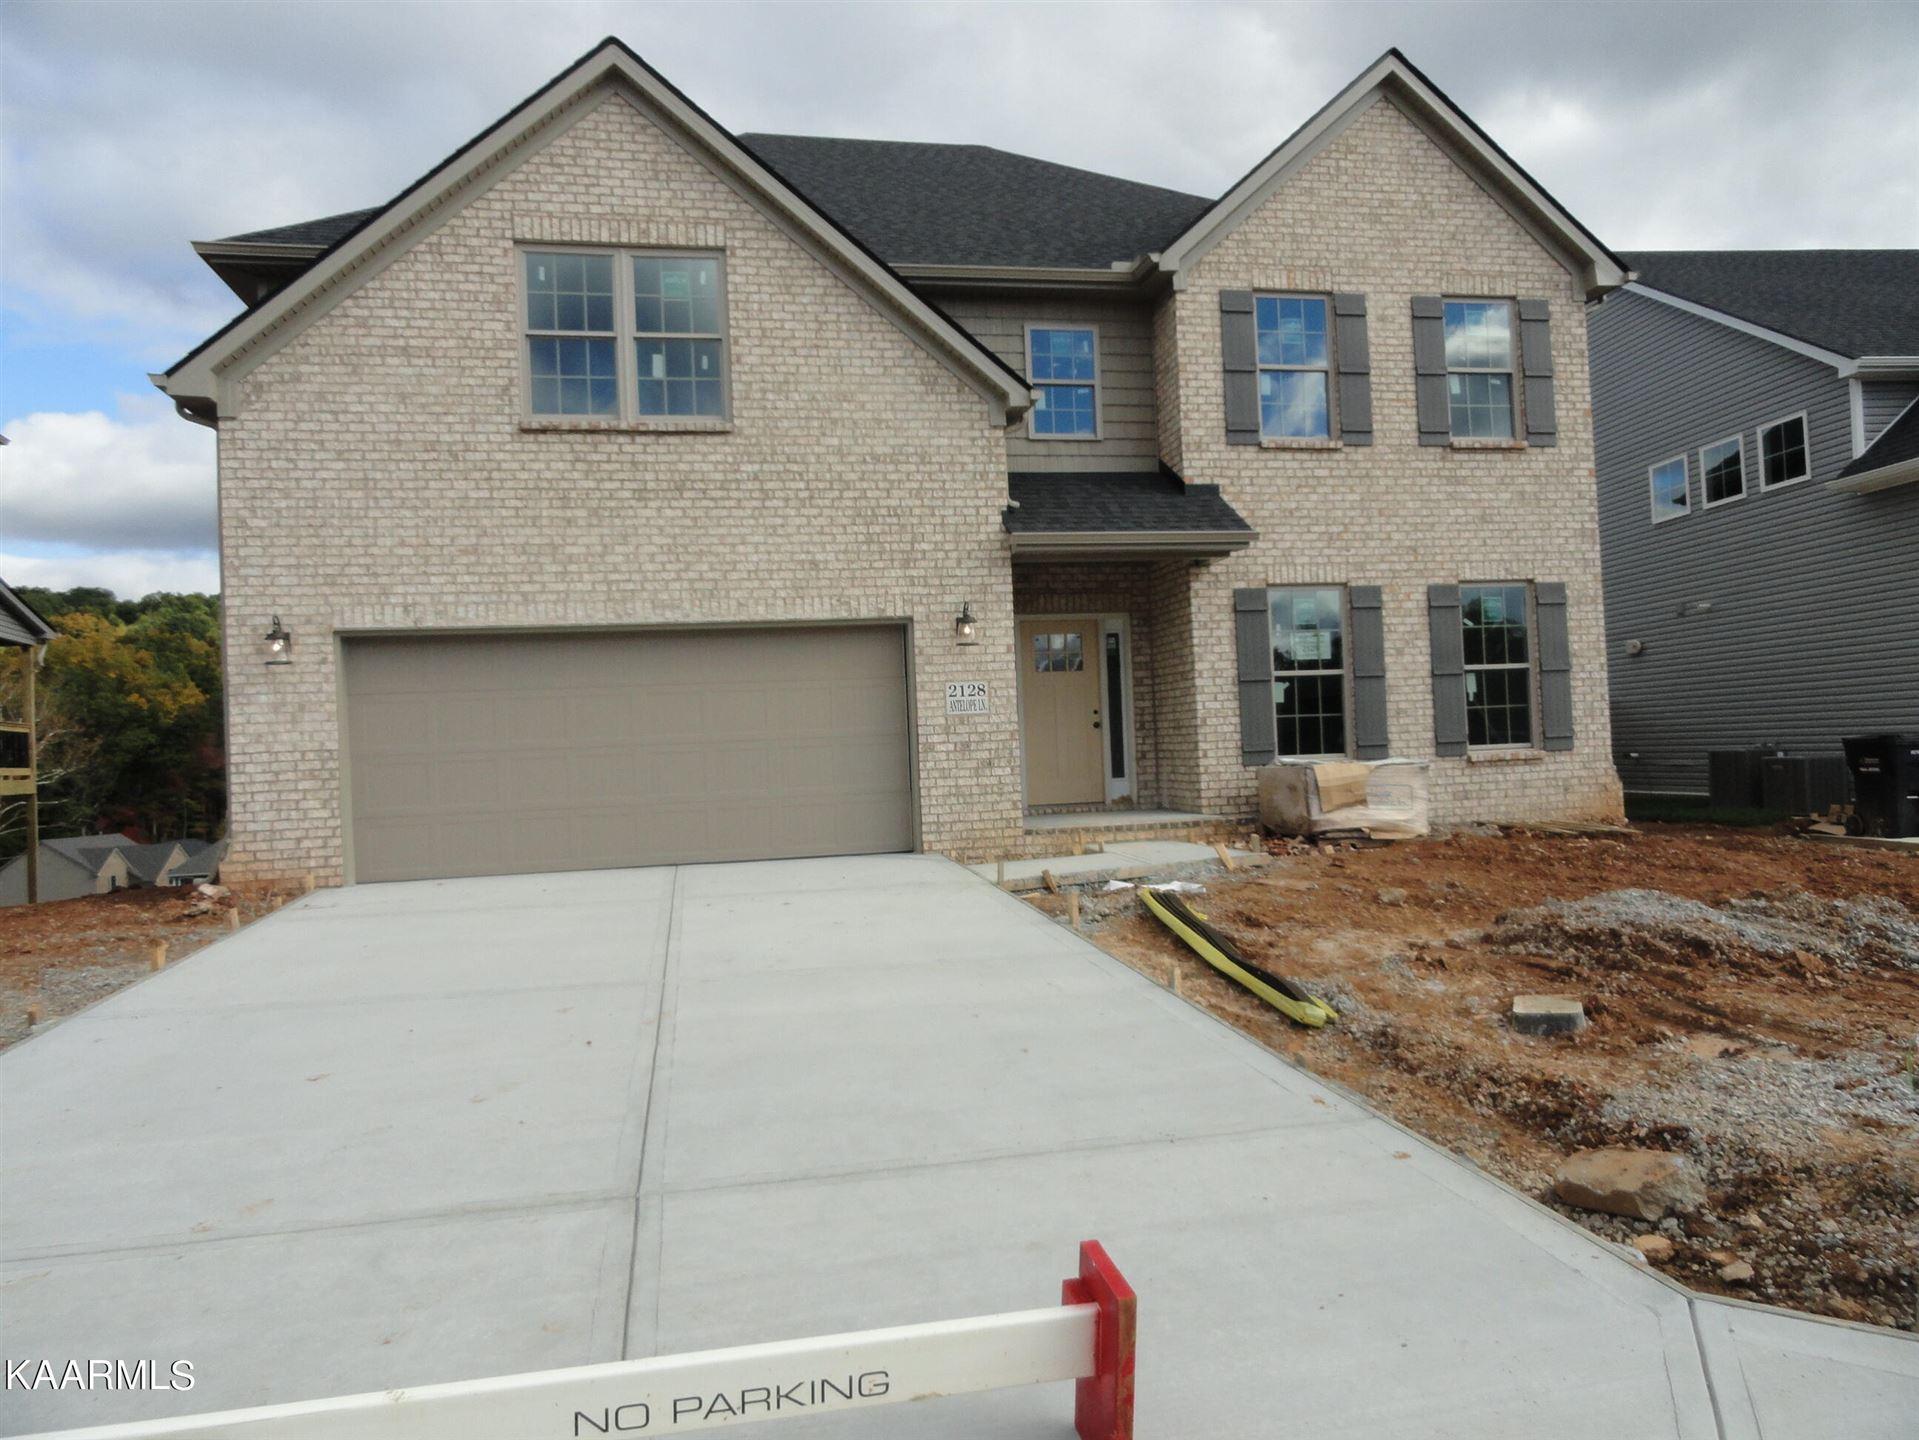 Photo of 2128 Antelope Lane, Knoxville, TN 37932 (MLS # 1171716)